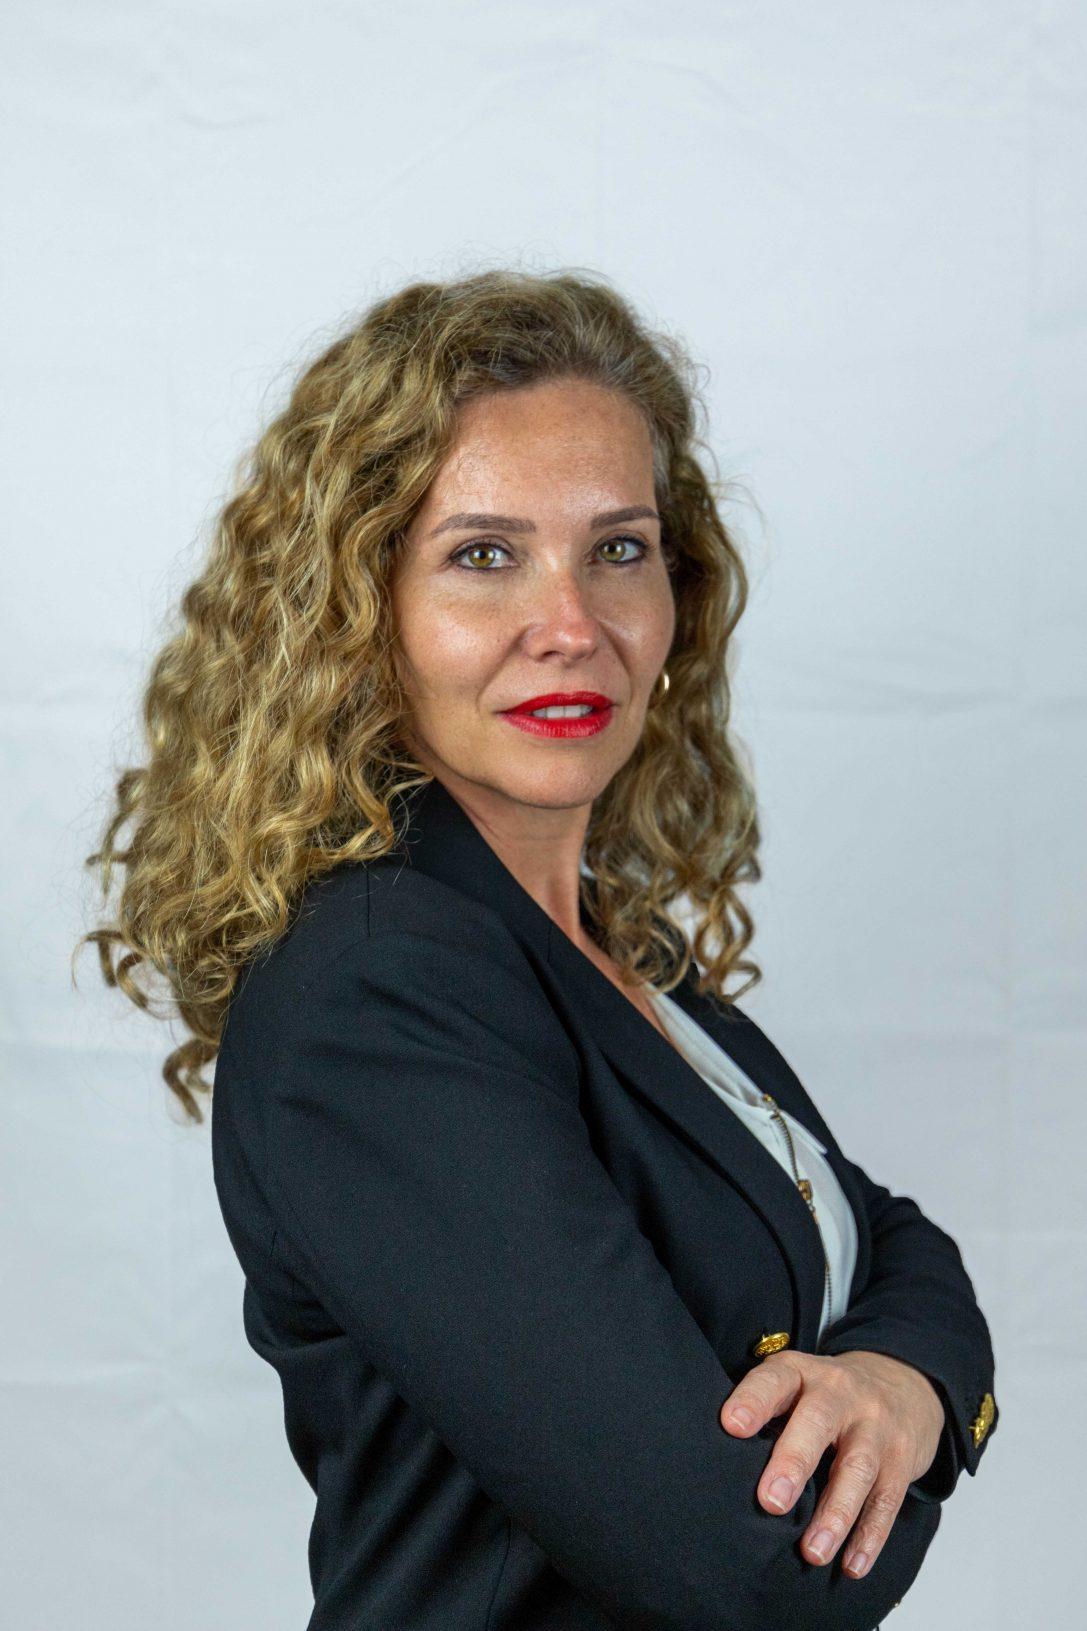 """Sonia Ferrandis, sobre el futuro del catálogo ortoprotésico tras la crisis: """"Hemos avanzado mucho y no podemos permitir ir hacia atrás"""""""